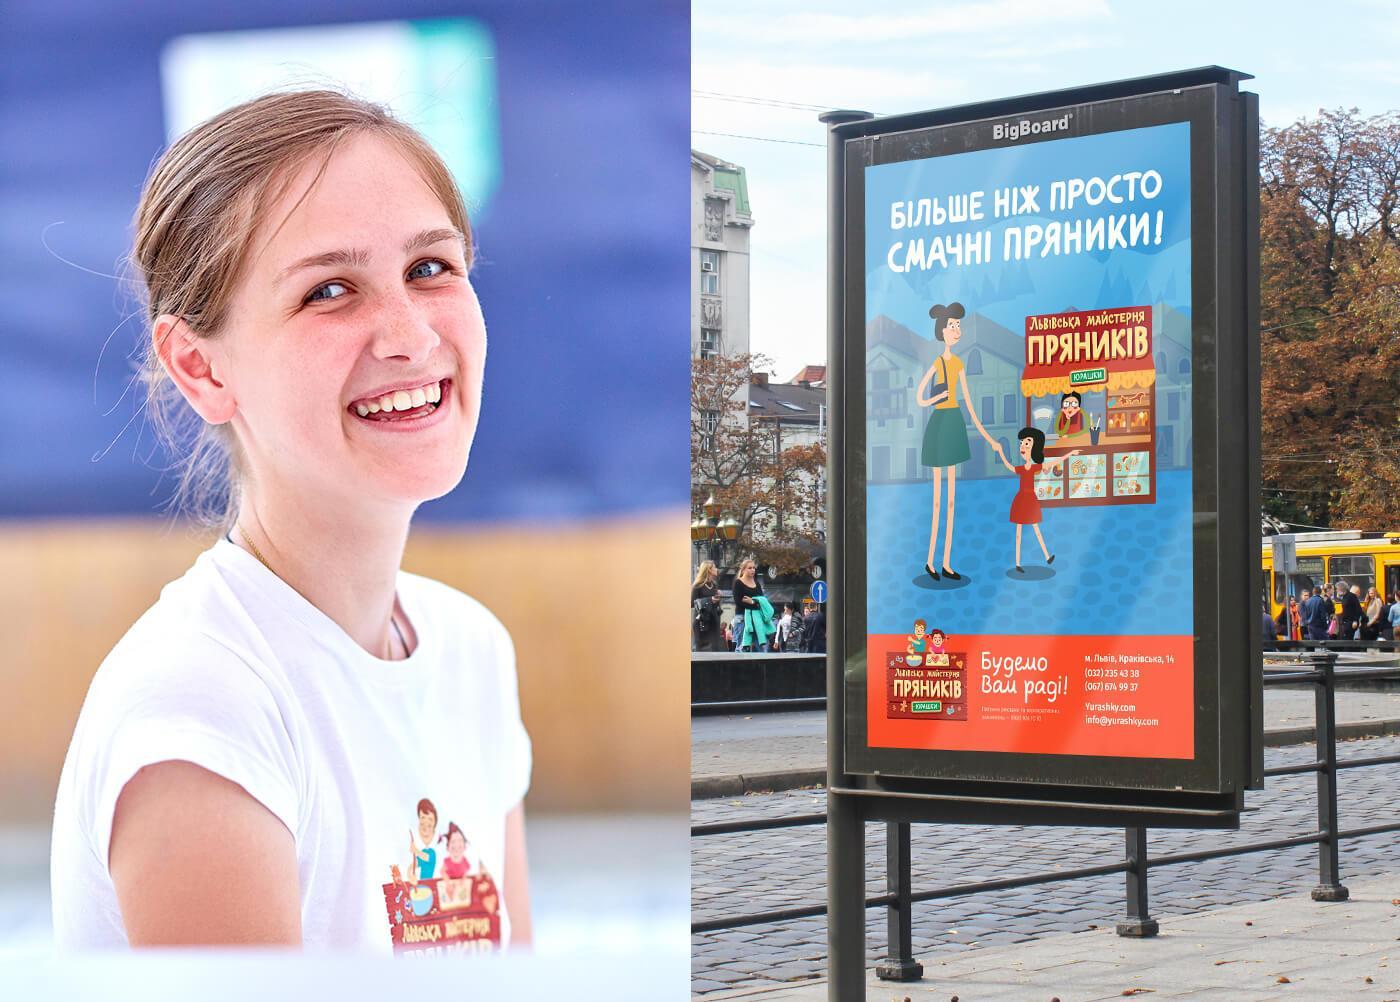 Дівчина у фірмовій футболці та сітілайт Львівської Майстерні Пряників «Юрашки»